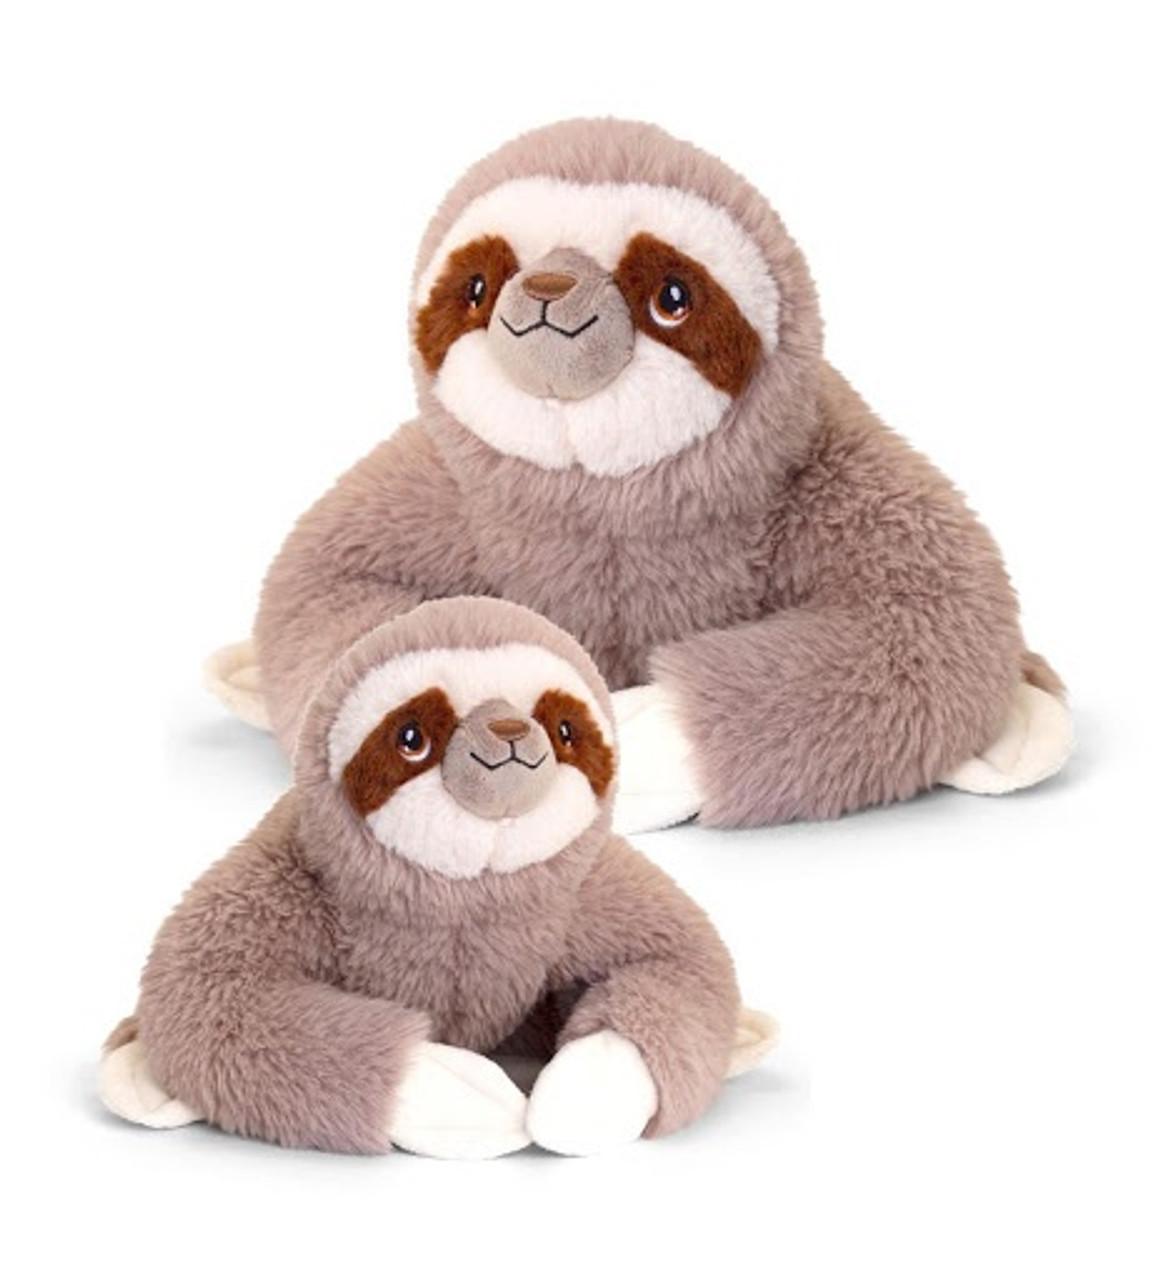 Korimco Keeleco Plush Toy Sloth